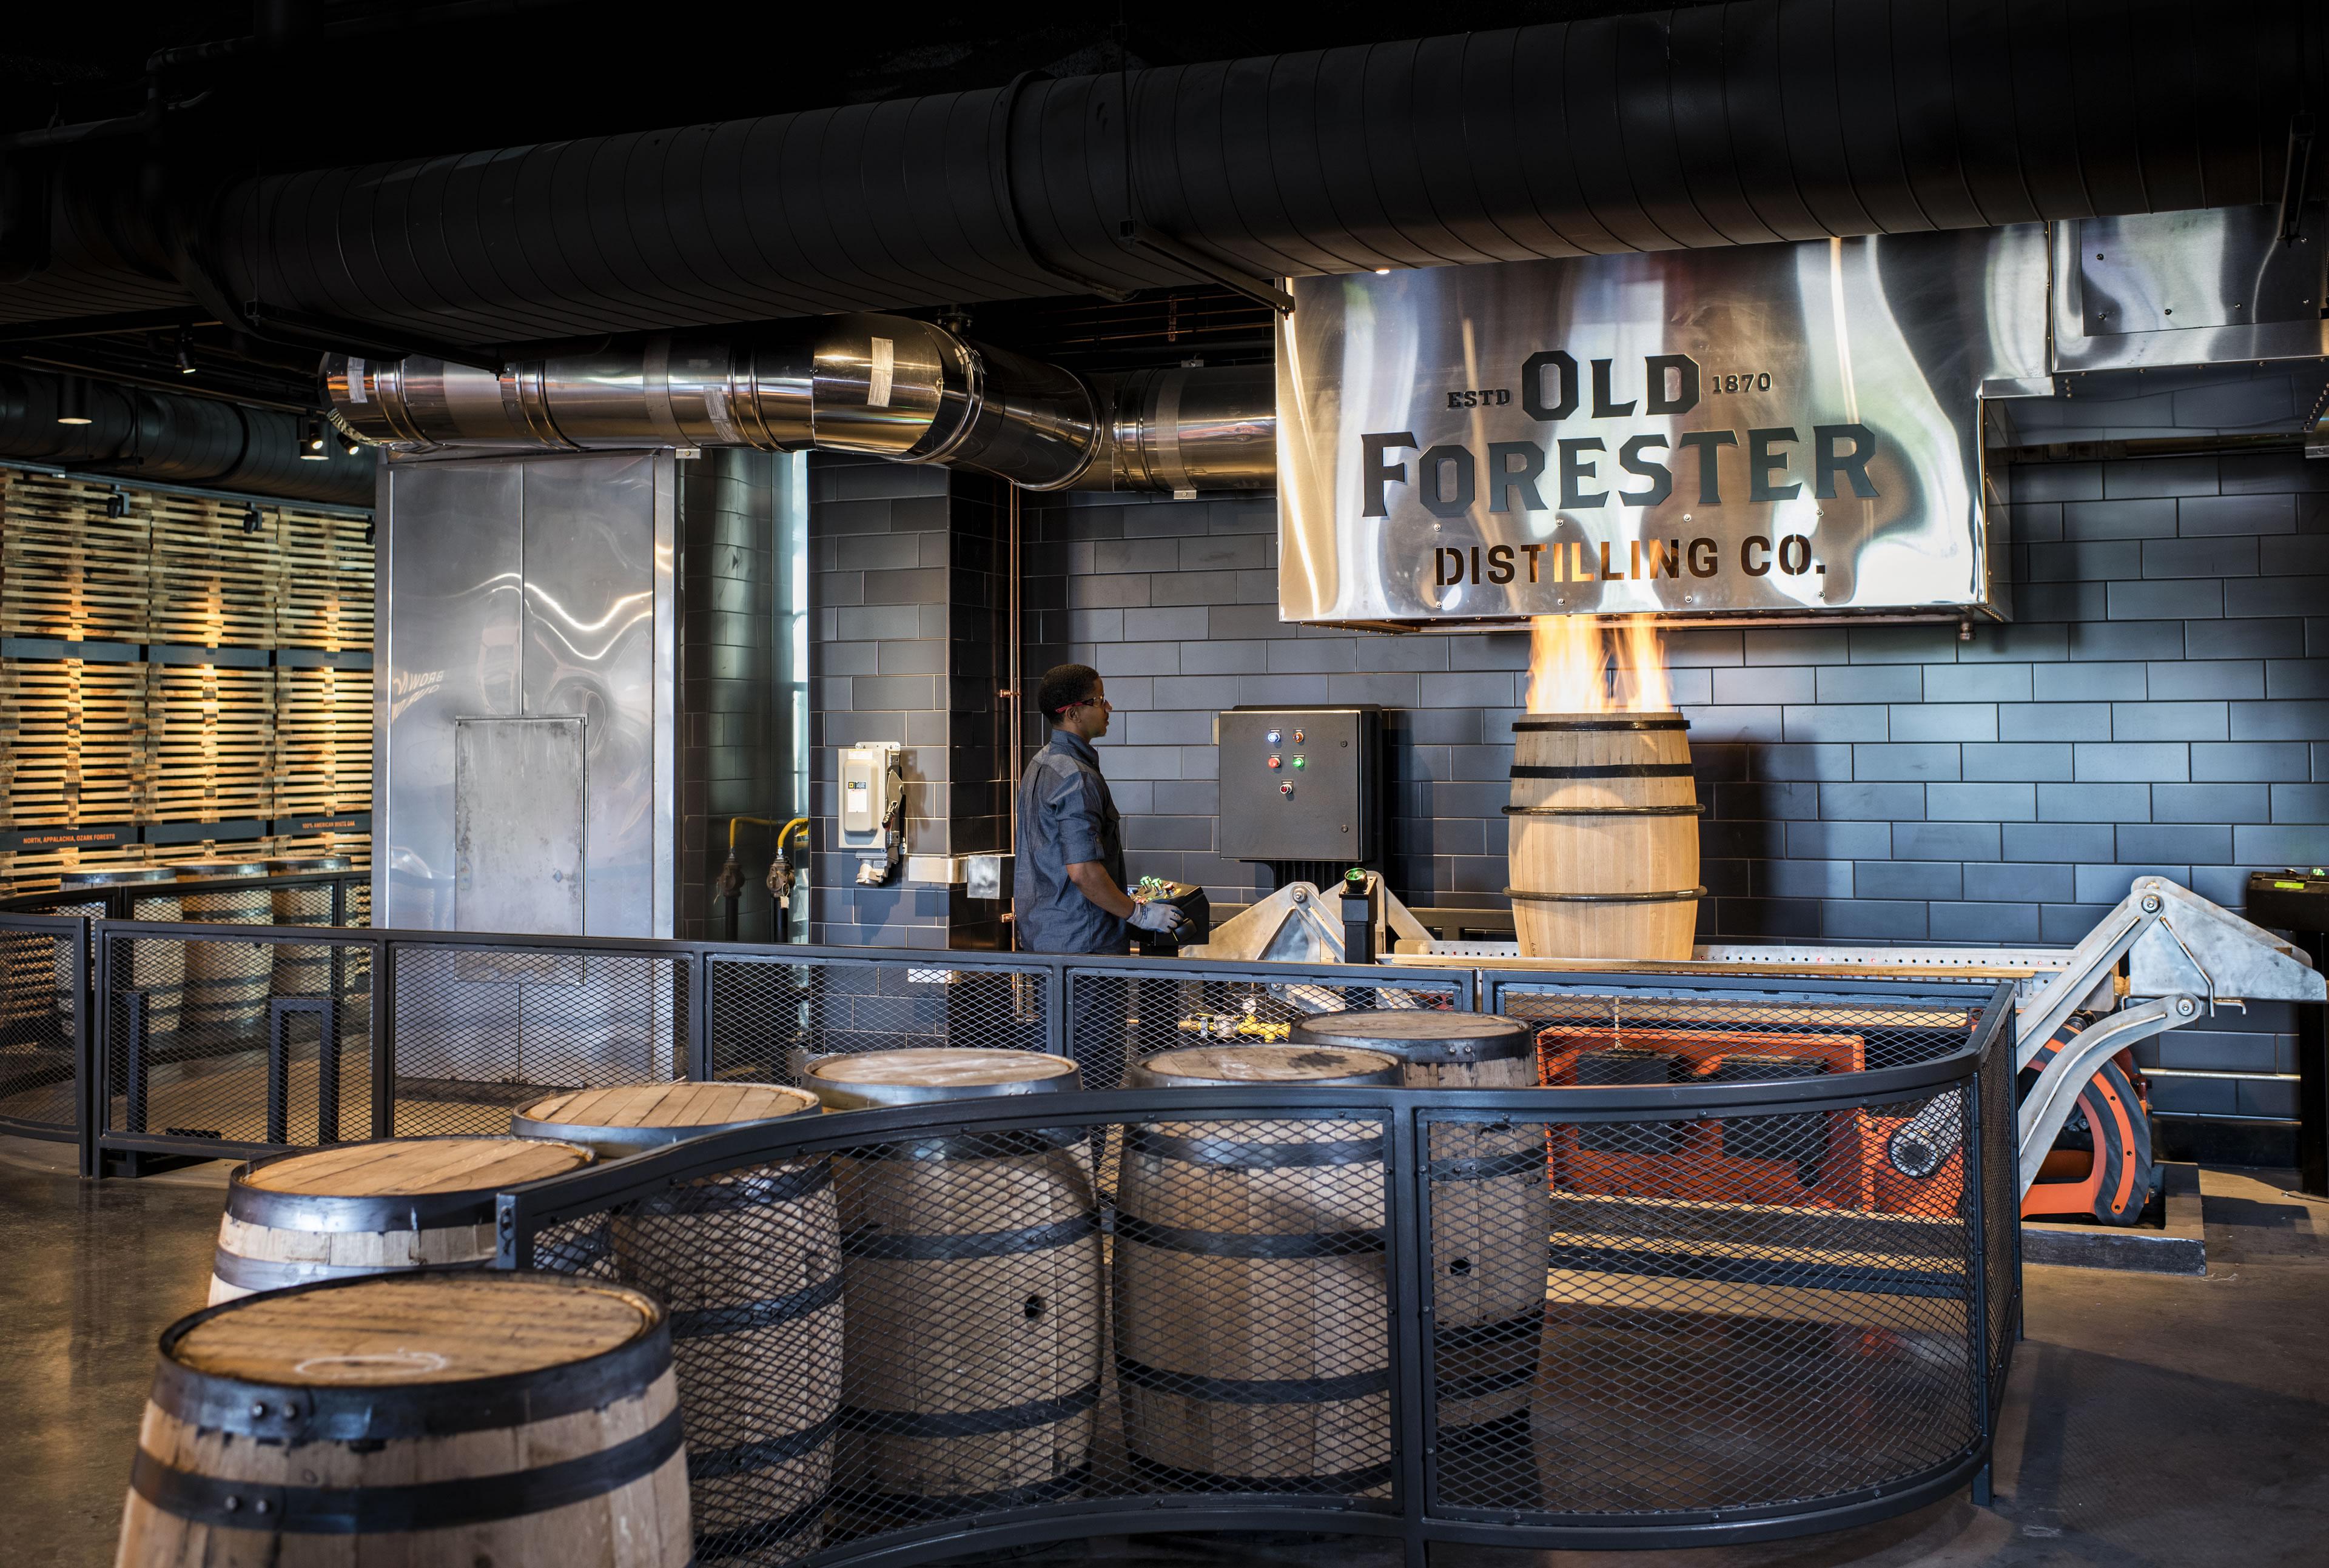 Old Forester Distilling Co. image 5